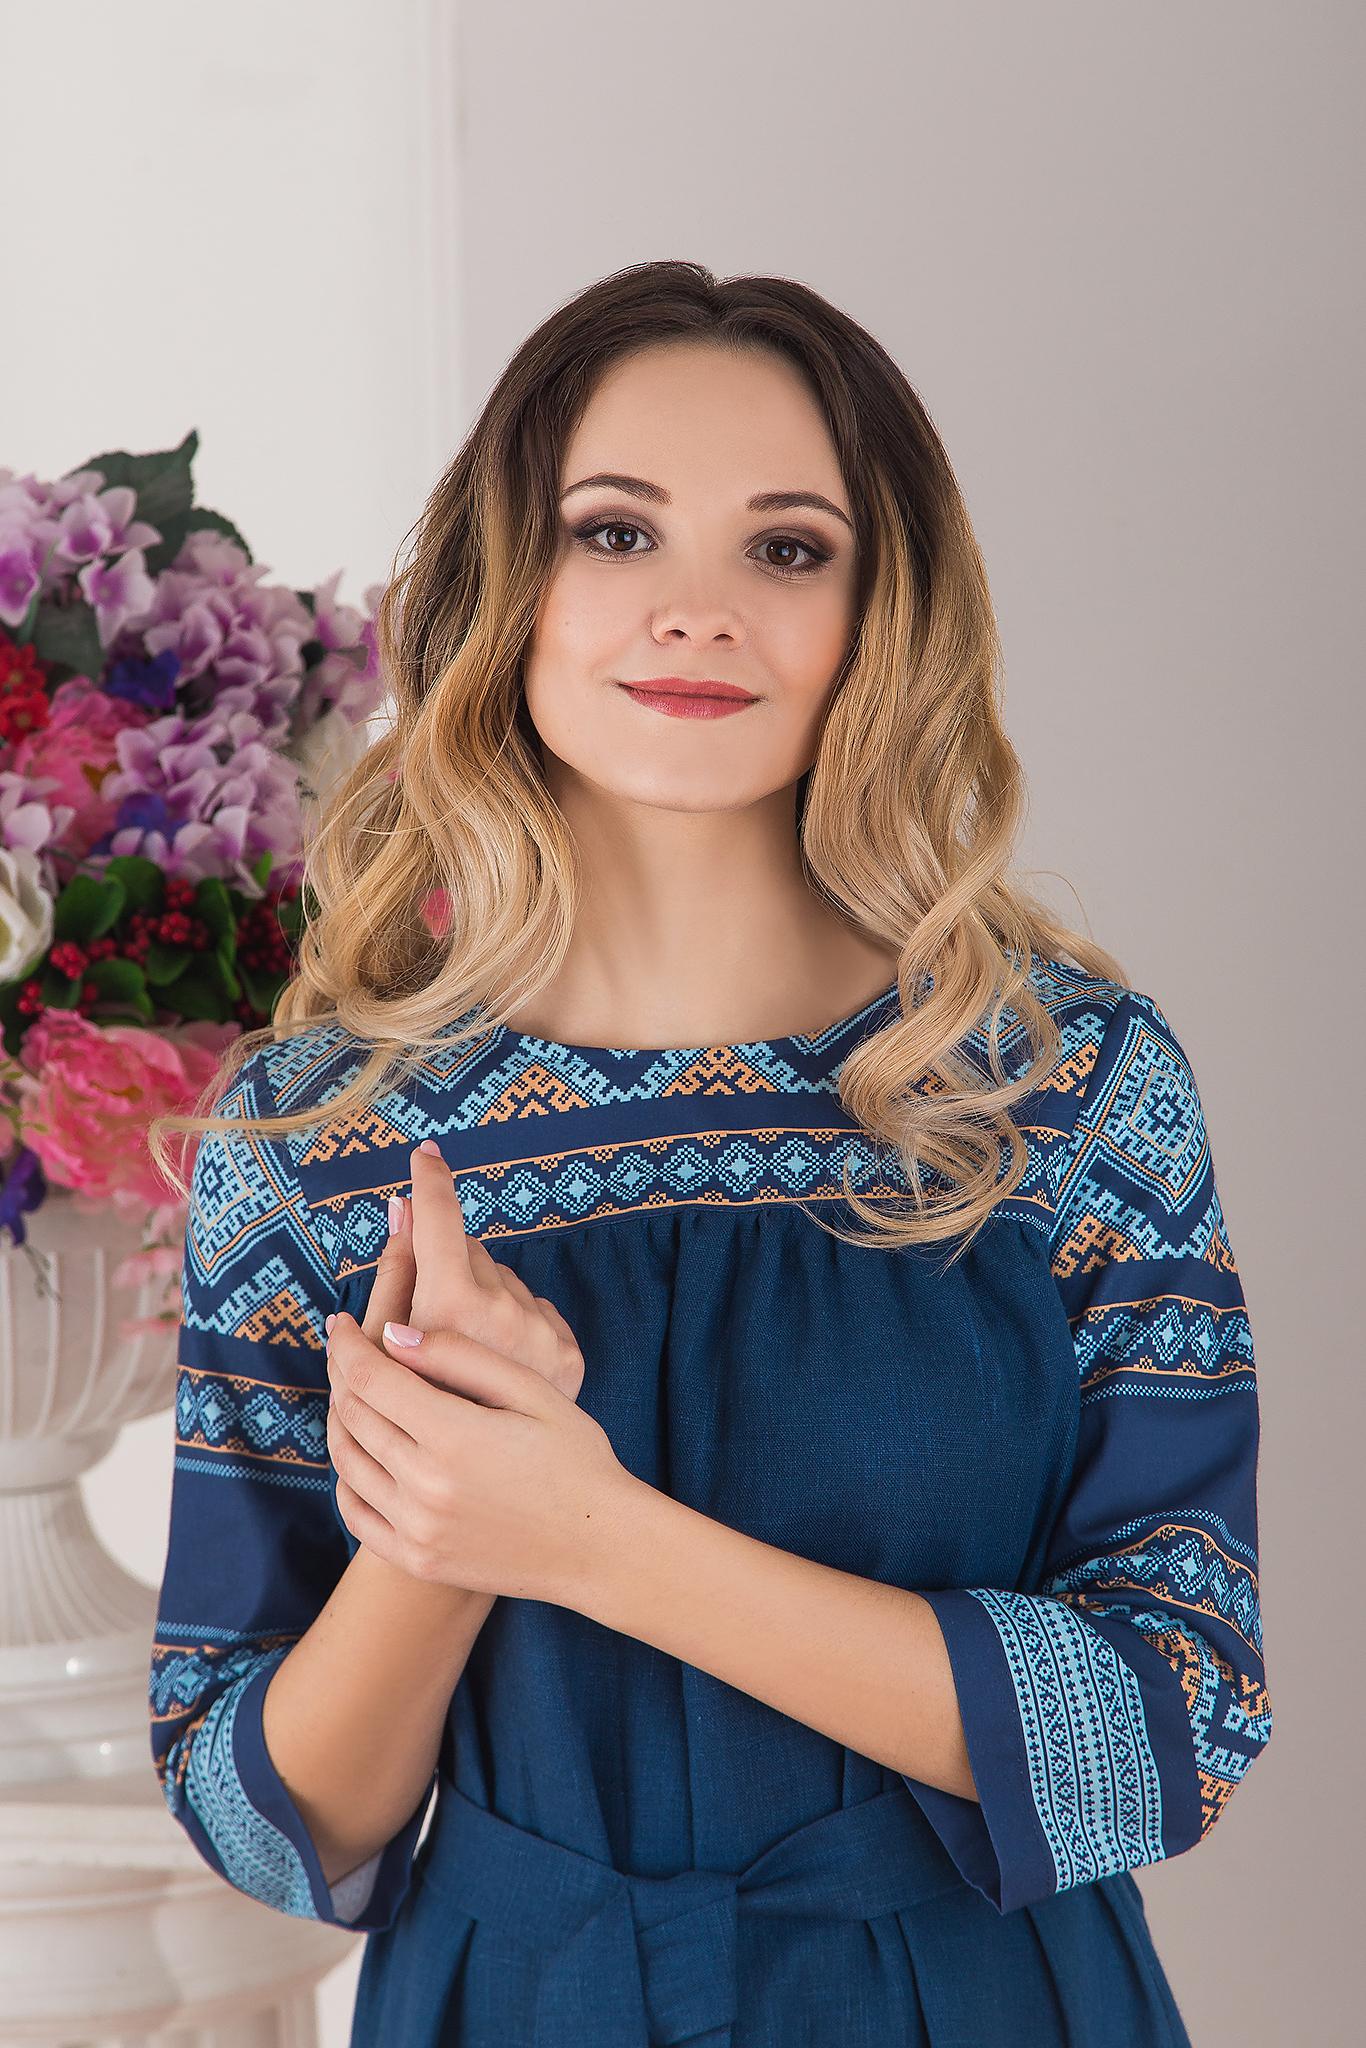 Славянское обережное платье Каспийское